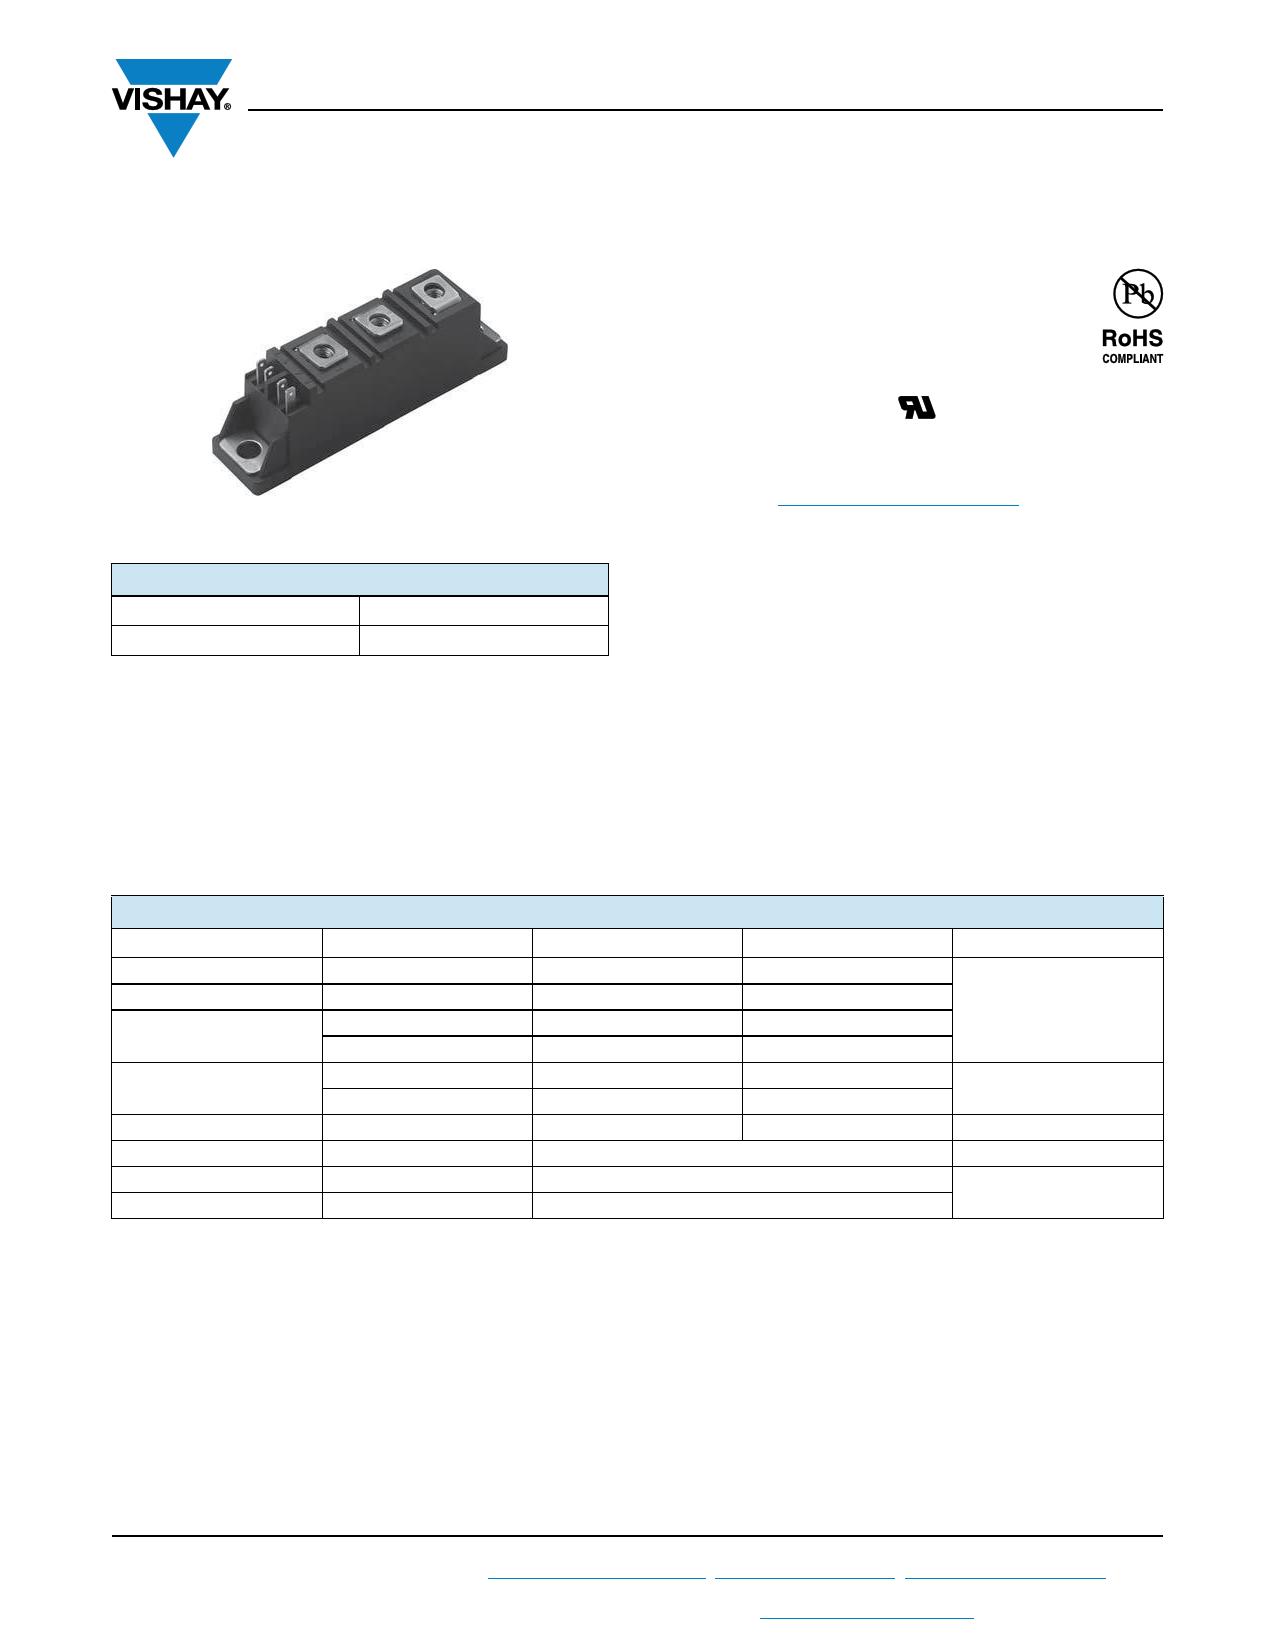 VSKH57-12S90P Datasheet, VSKH57-12S90P PDF,ピン配置, 機能